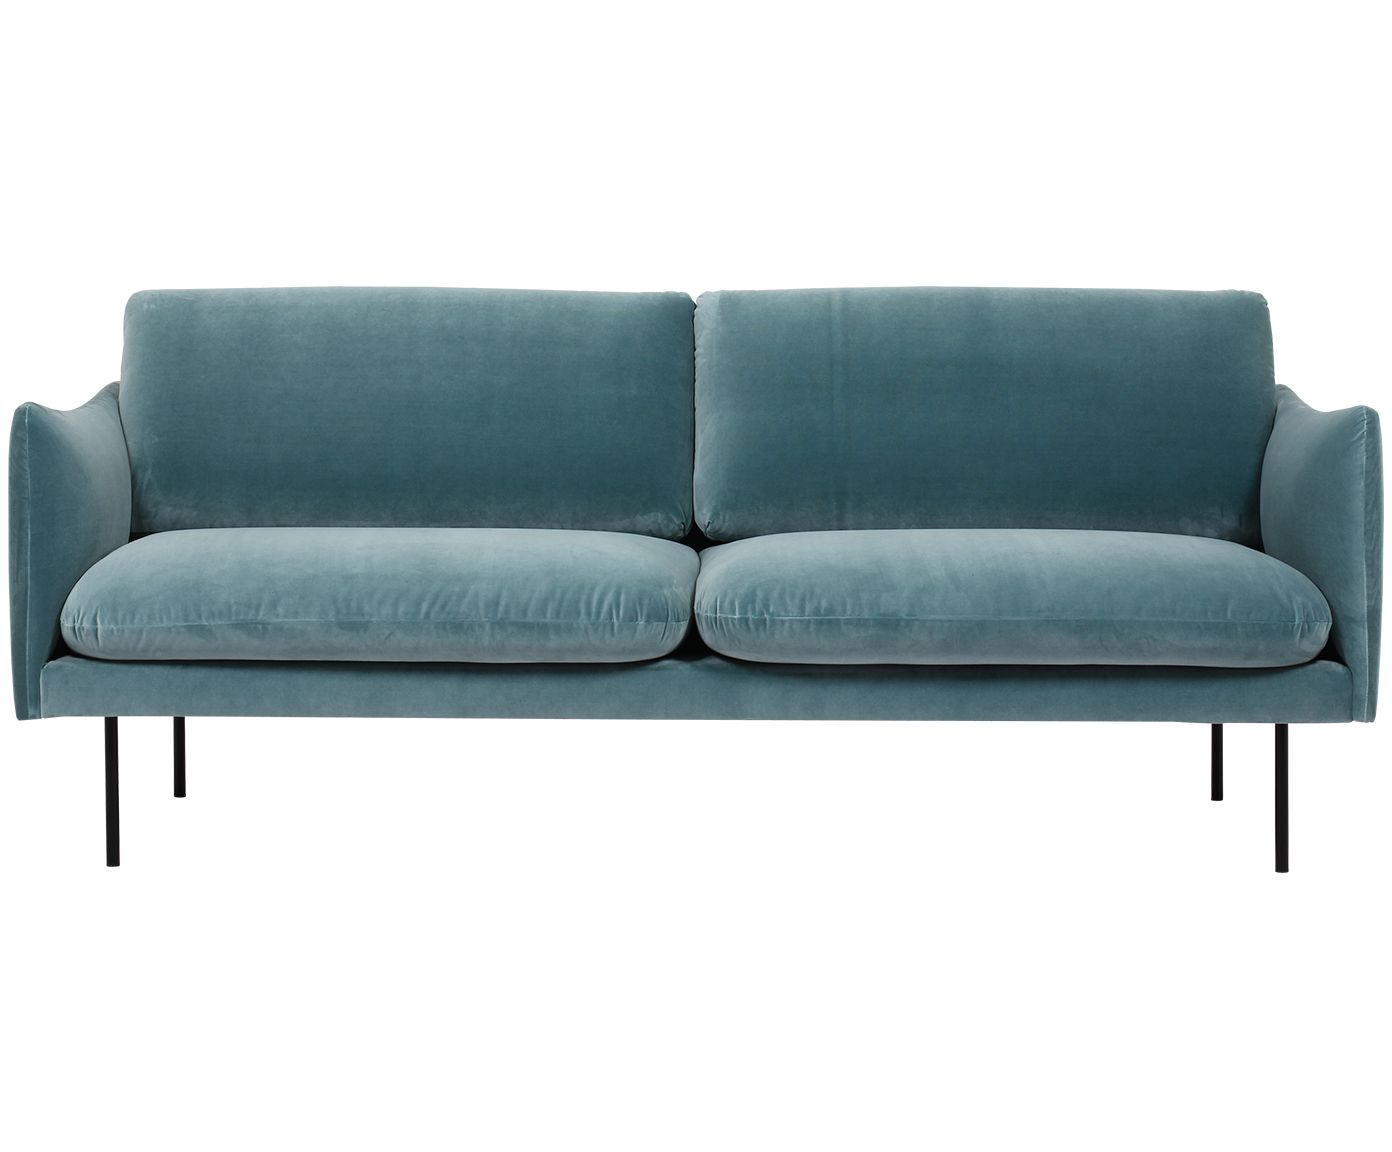 Samt Sofa Moby 2 Sitzer Meubels Pinterest Sofa Interior